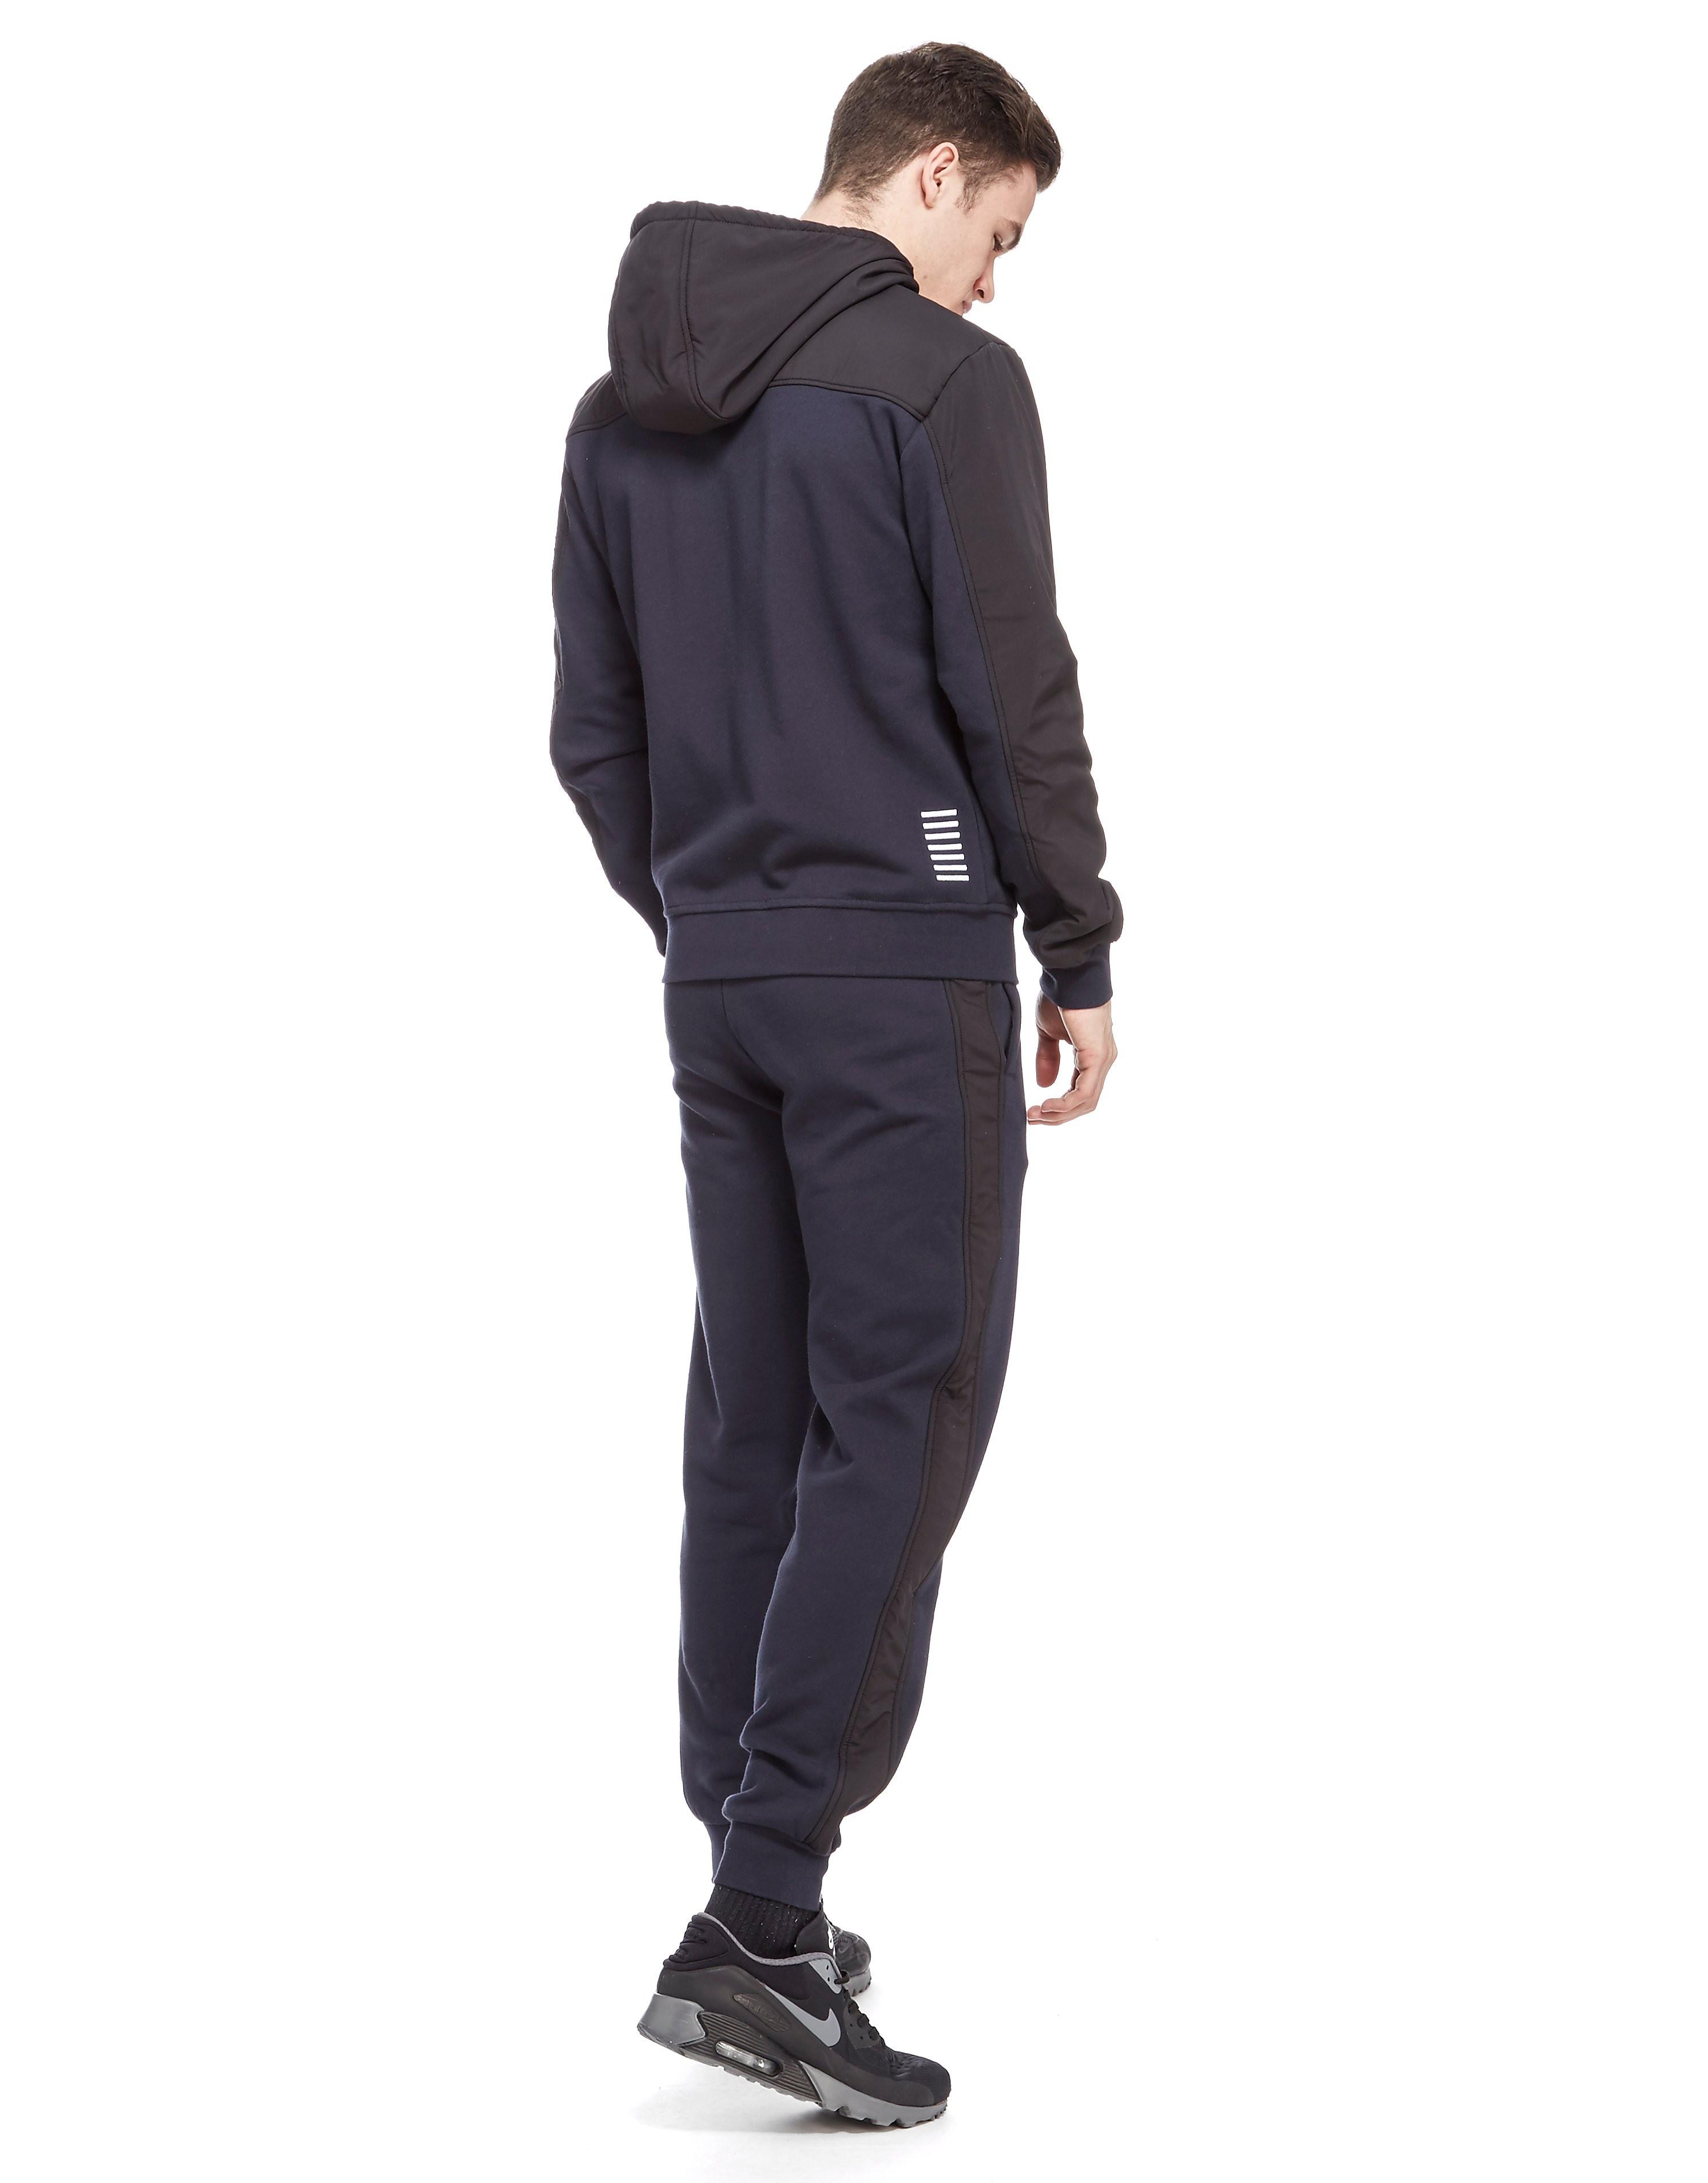 Emporio Armani EA7 Shadow Woven Hooded Fleece